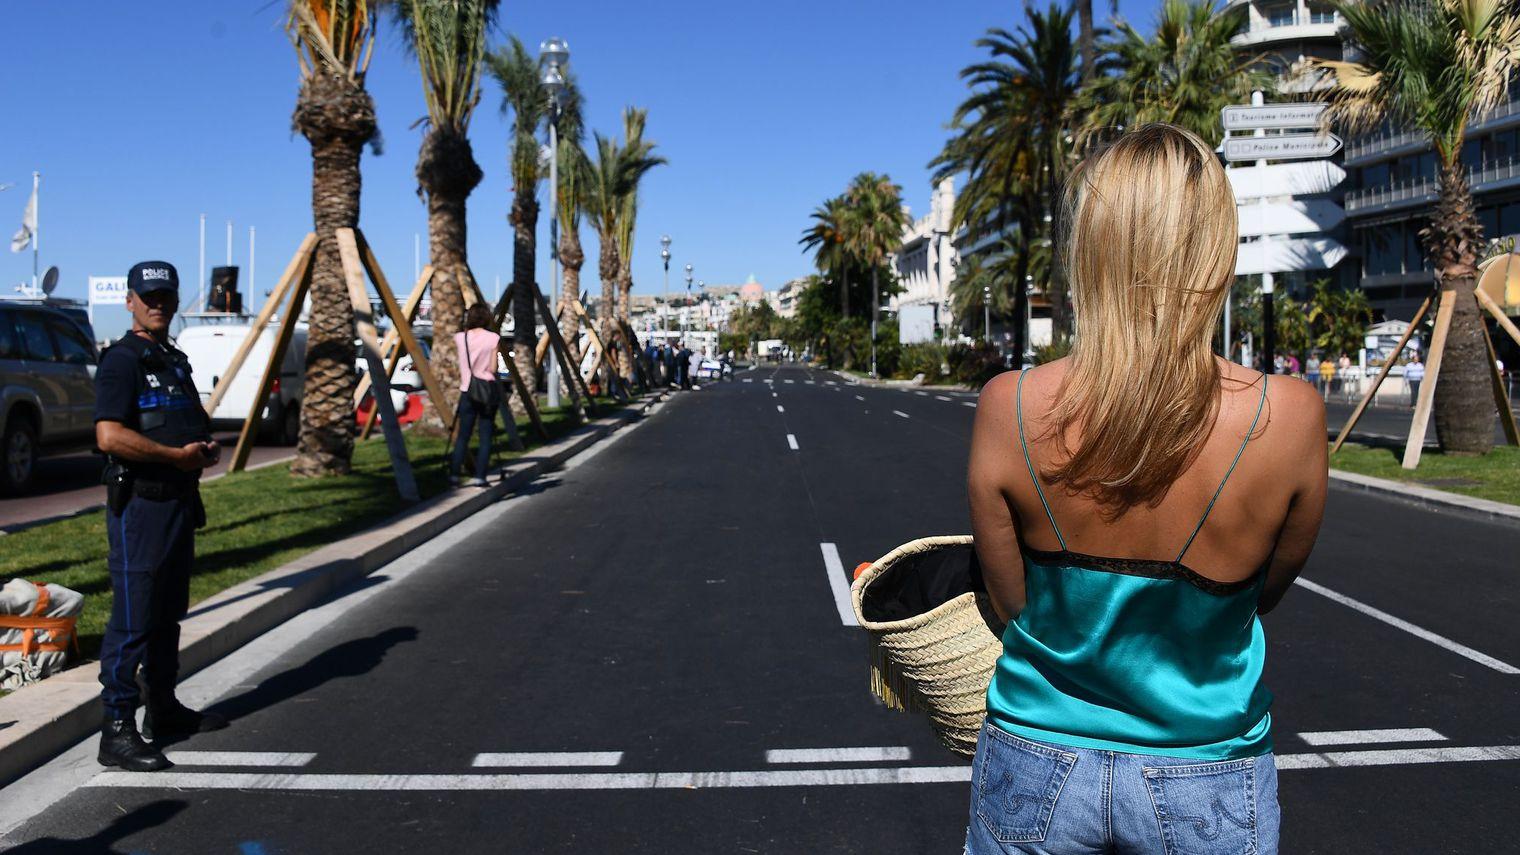 une-vacanciere-sur-la-promenade-des-anglais-le-15-juillet-2015-a-nice-au-lendemain-de-l-attaque-au-camion-qui-a-fait-84-tues_5638243